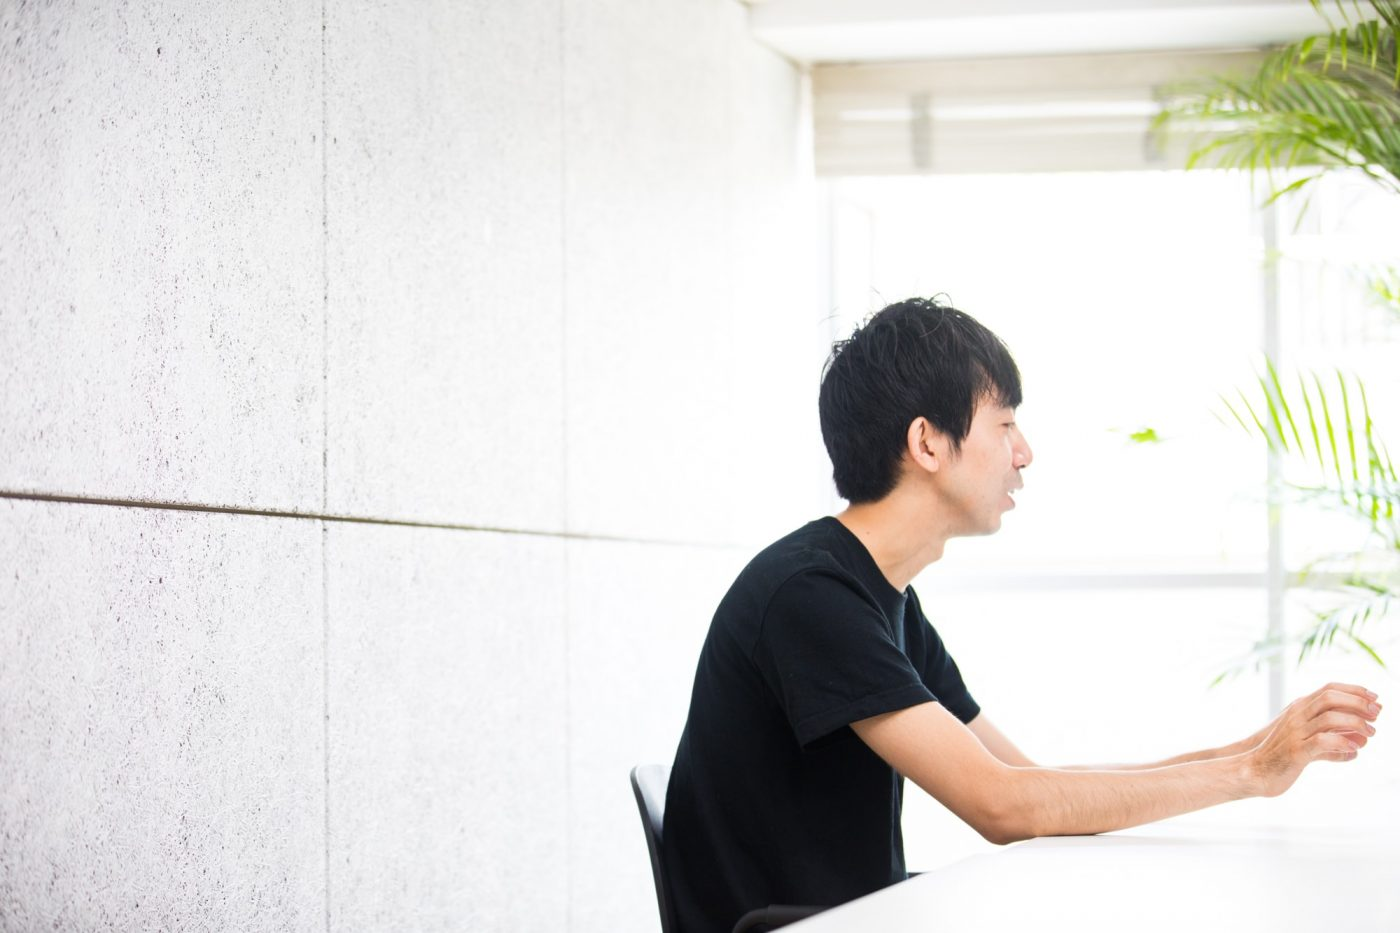 ミラティブ代表取締役CEOの赤川隼一 元DeNA 独立